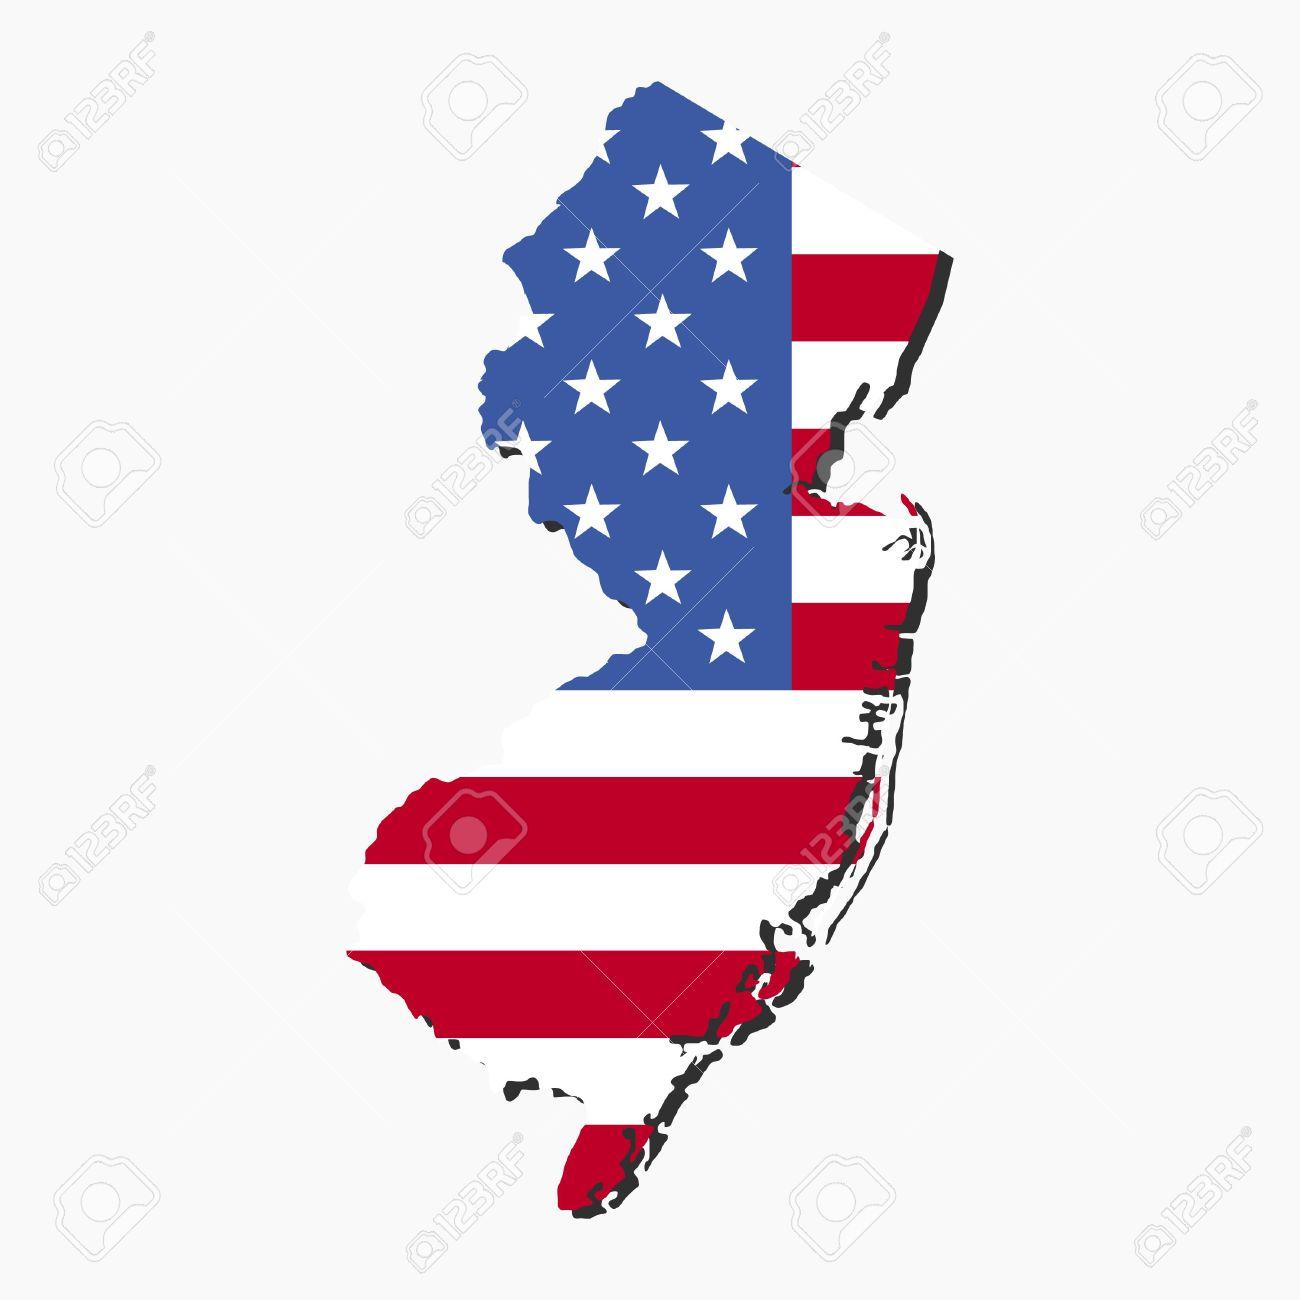 Mapa De Nueva Jersey Con La Bandera Americana Ilustración Fotos - Mapa de new jersey